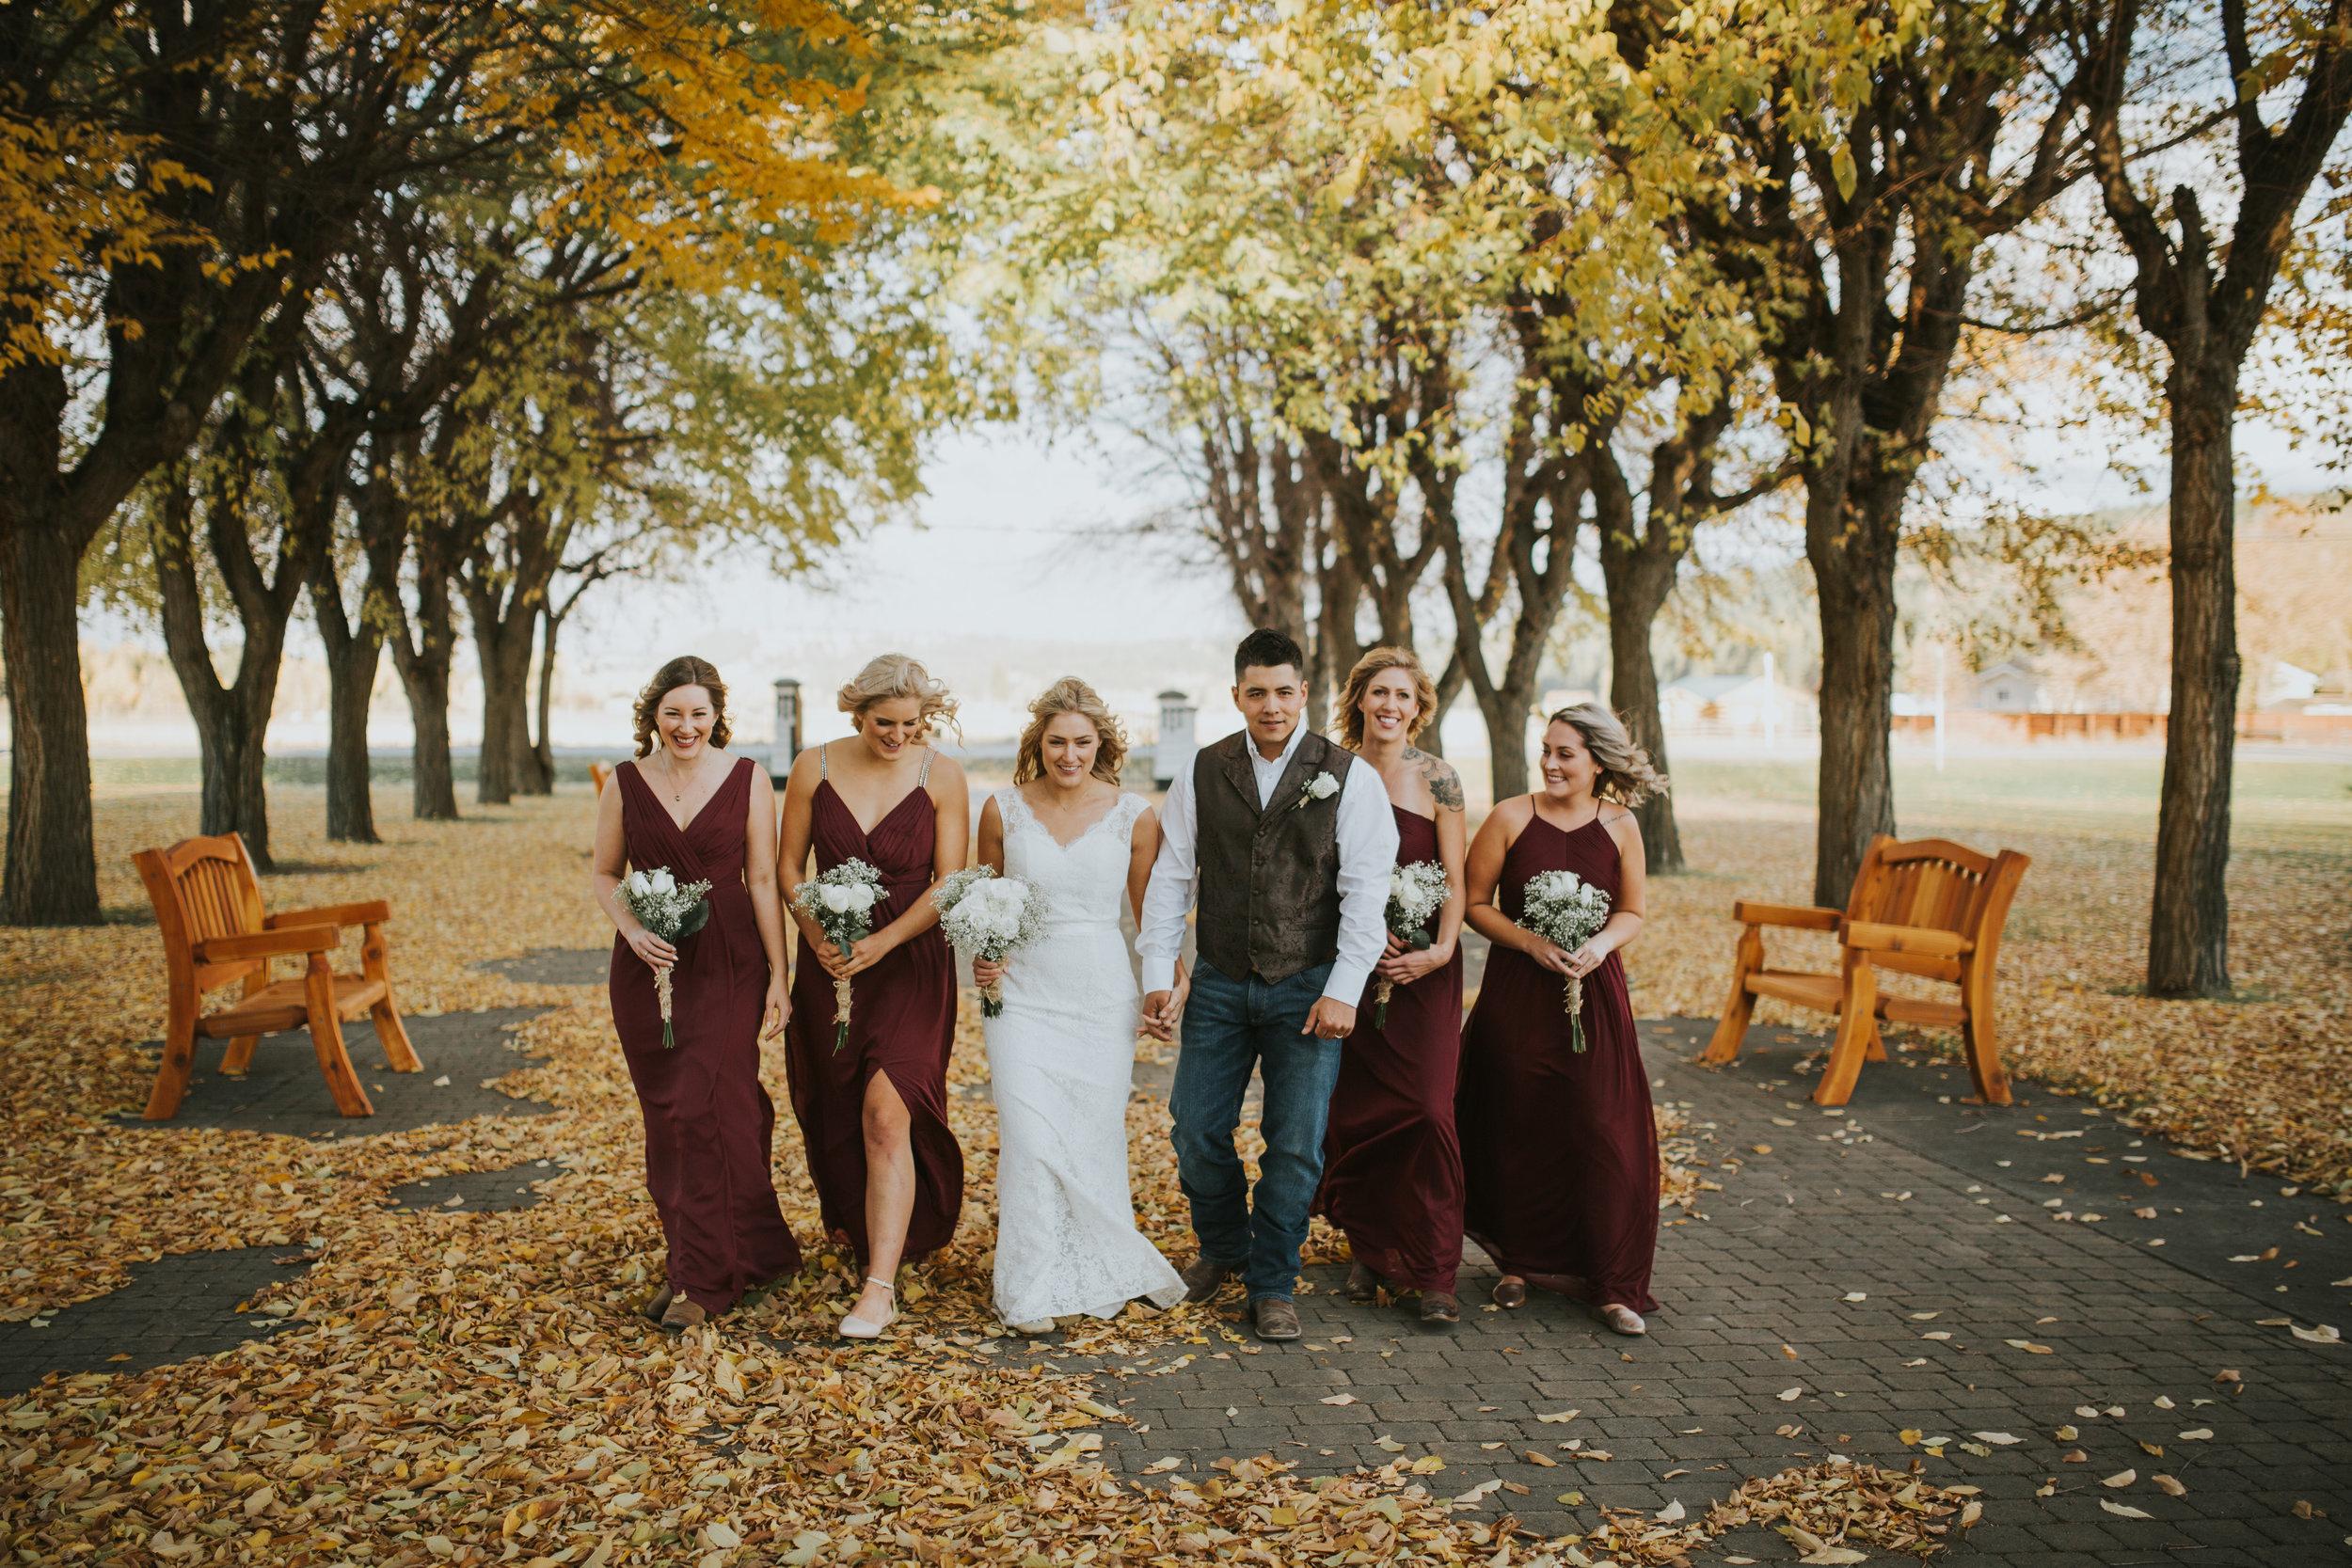 Lindsay + Kara 2 - Bridal Portraits-166.jpg